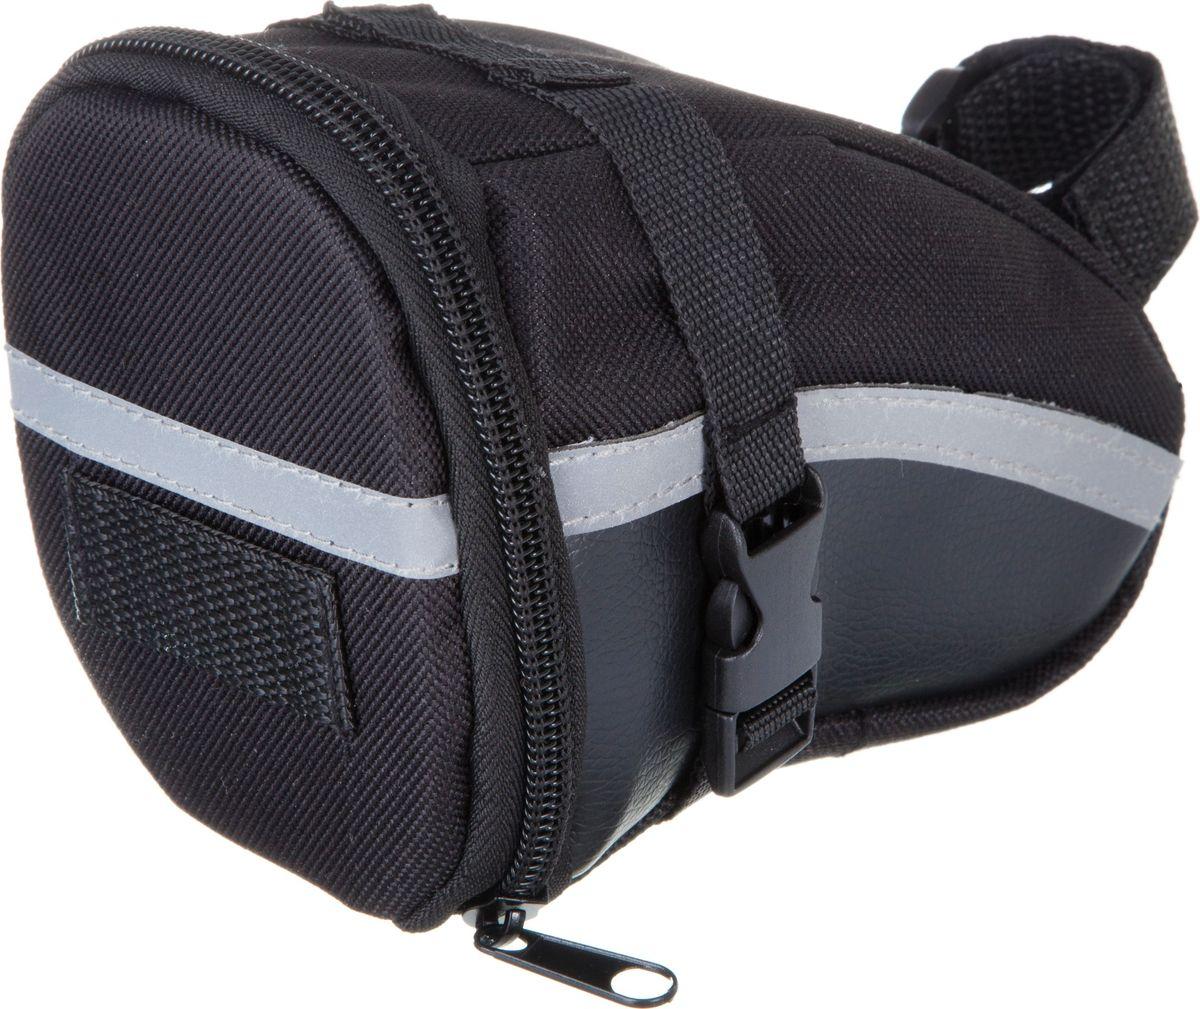 Велосумка STG 13196, под седло, цвет: черный. Х83840Х83840Компактная и вместительная велосумка STG 13196для крепления под седло не доставит вам дискомфорта. Вы сможете перевозить небольшой набор инструментов или личные вещи во время велопрогулок. Сумка оборудована светоотражающим элементом.